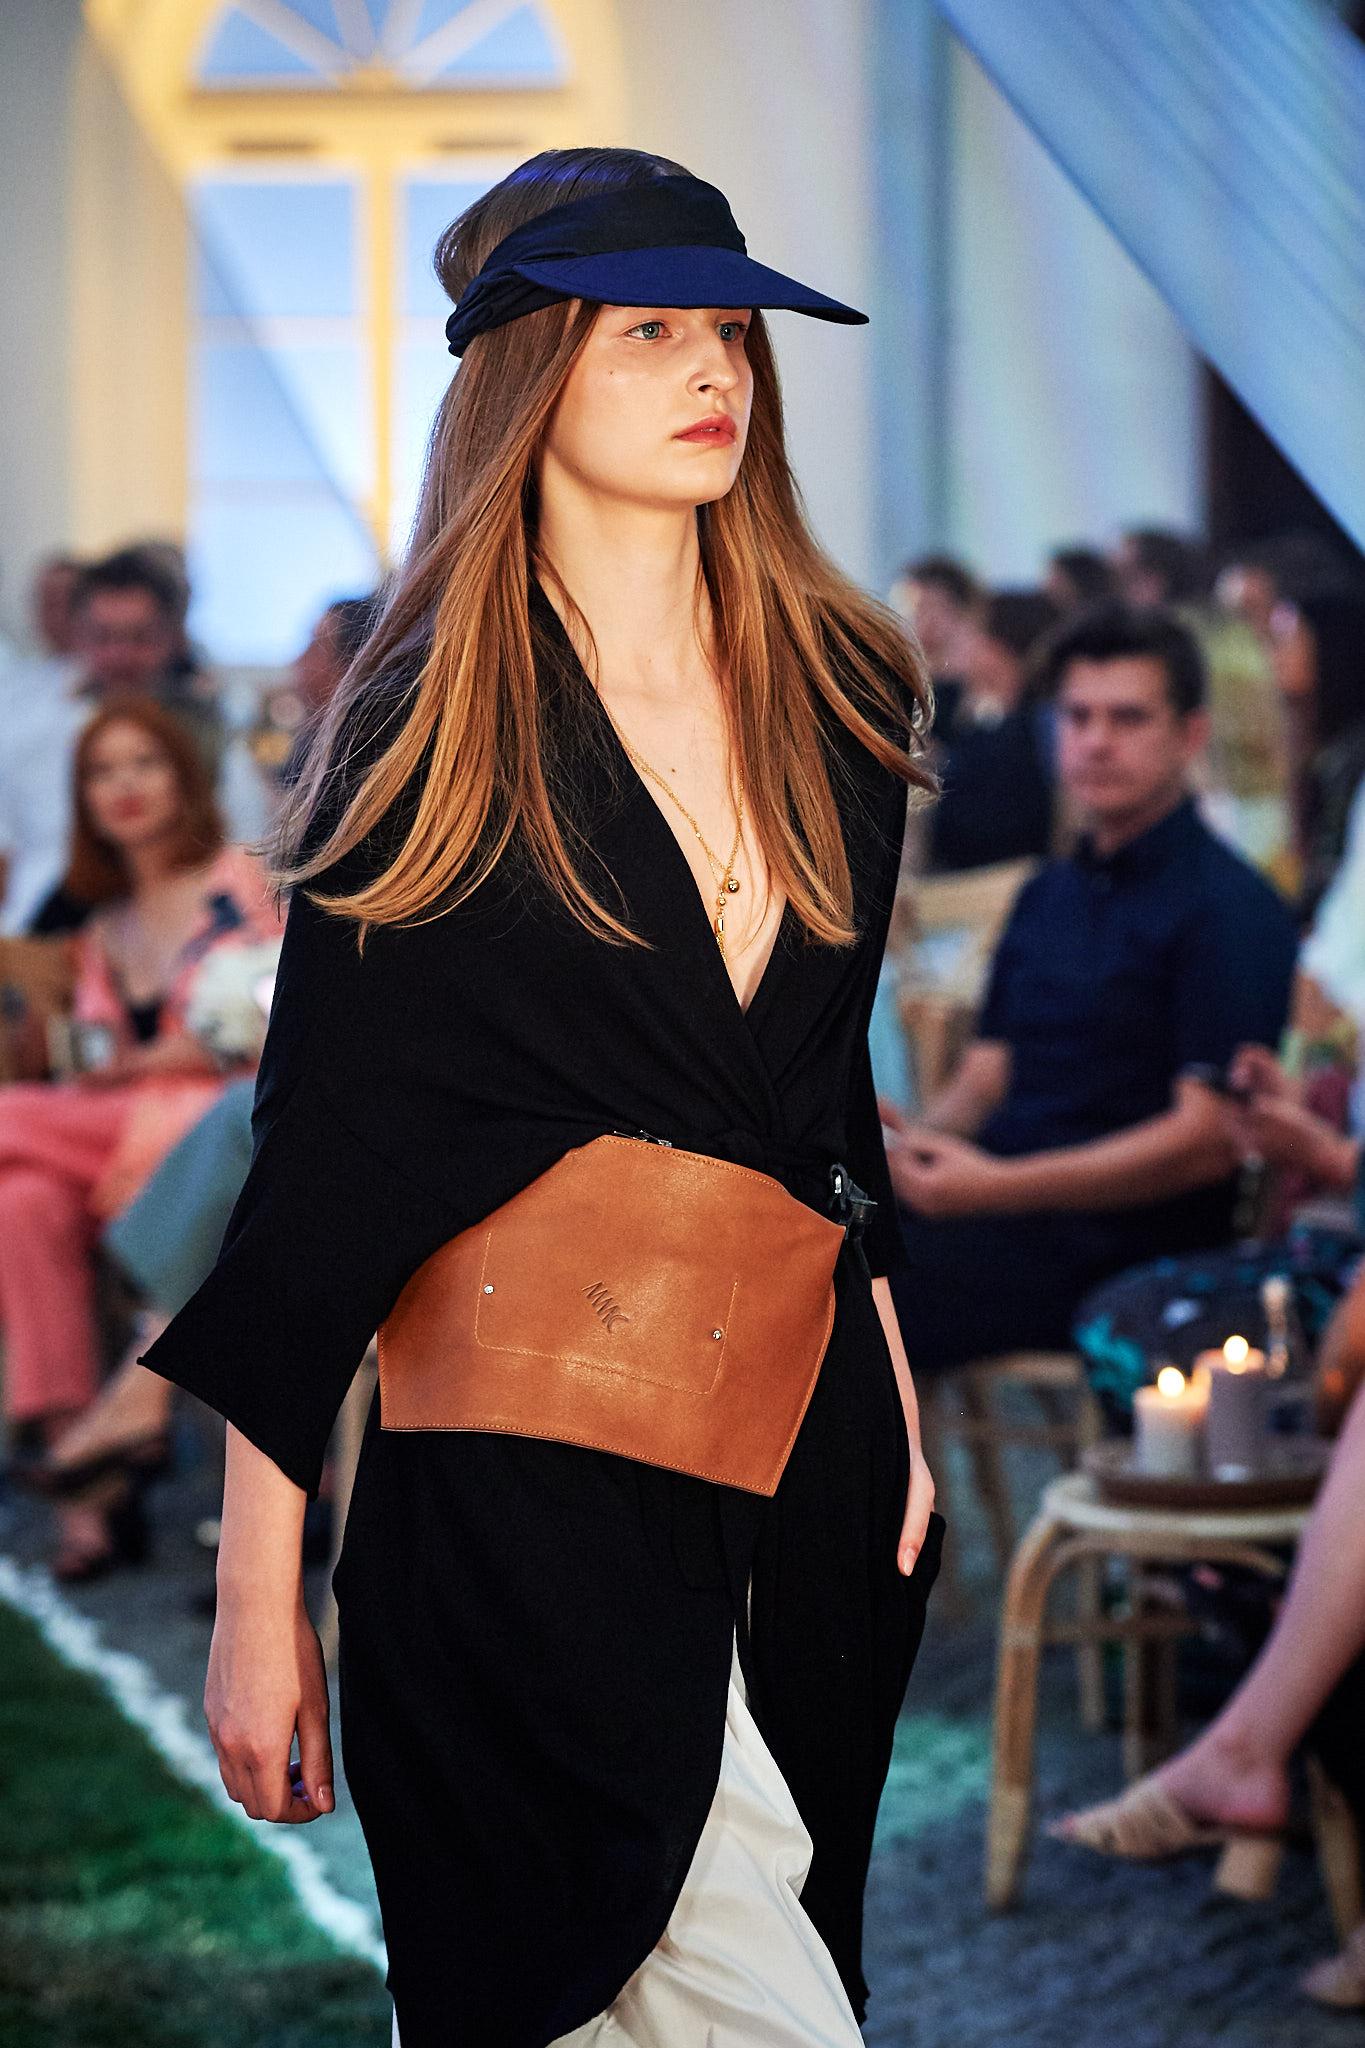 11_MMC-010719-lowres-fotFilipOkopny-FashionImages.jpg